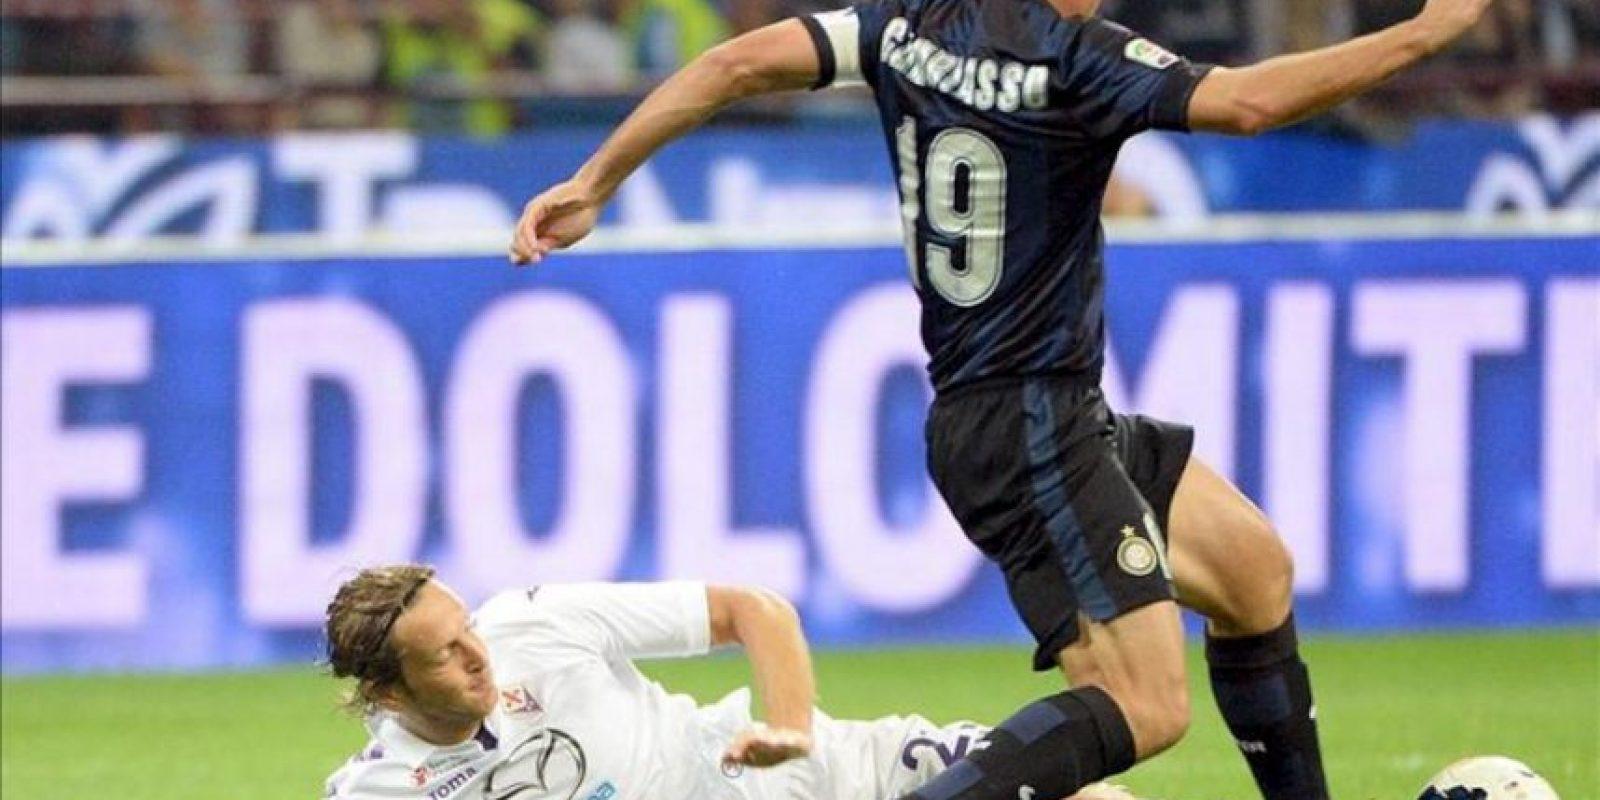 El jugador de Inter de Milán el argentino Esteban Cambiasso (d) disputa el balón con Massimo Ambrosini (i) de Fiorentina durante el juego de la Serie A italiana que se disputó en el estadio Giuseppe Meazza de Milán, Italia. EFE